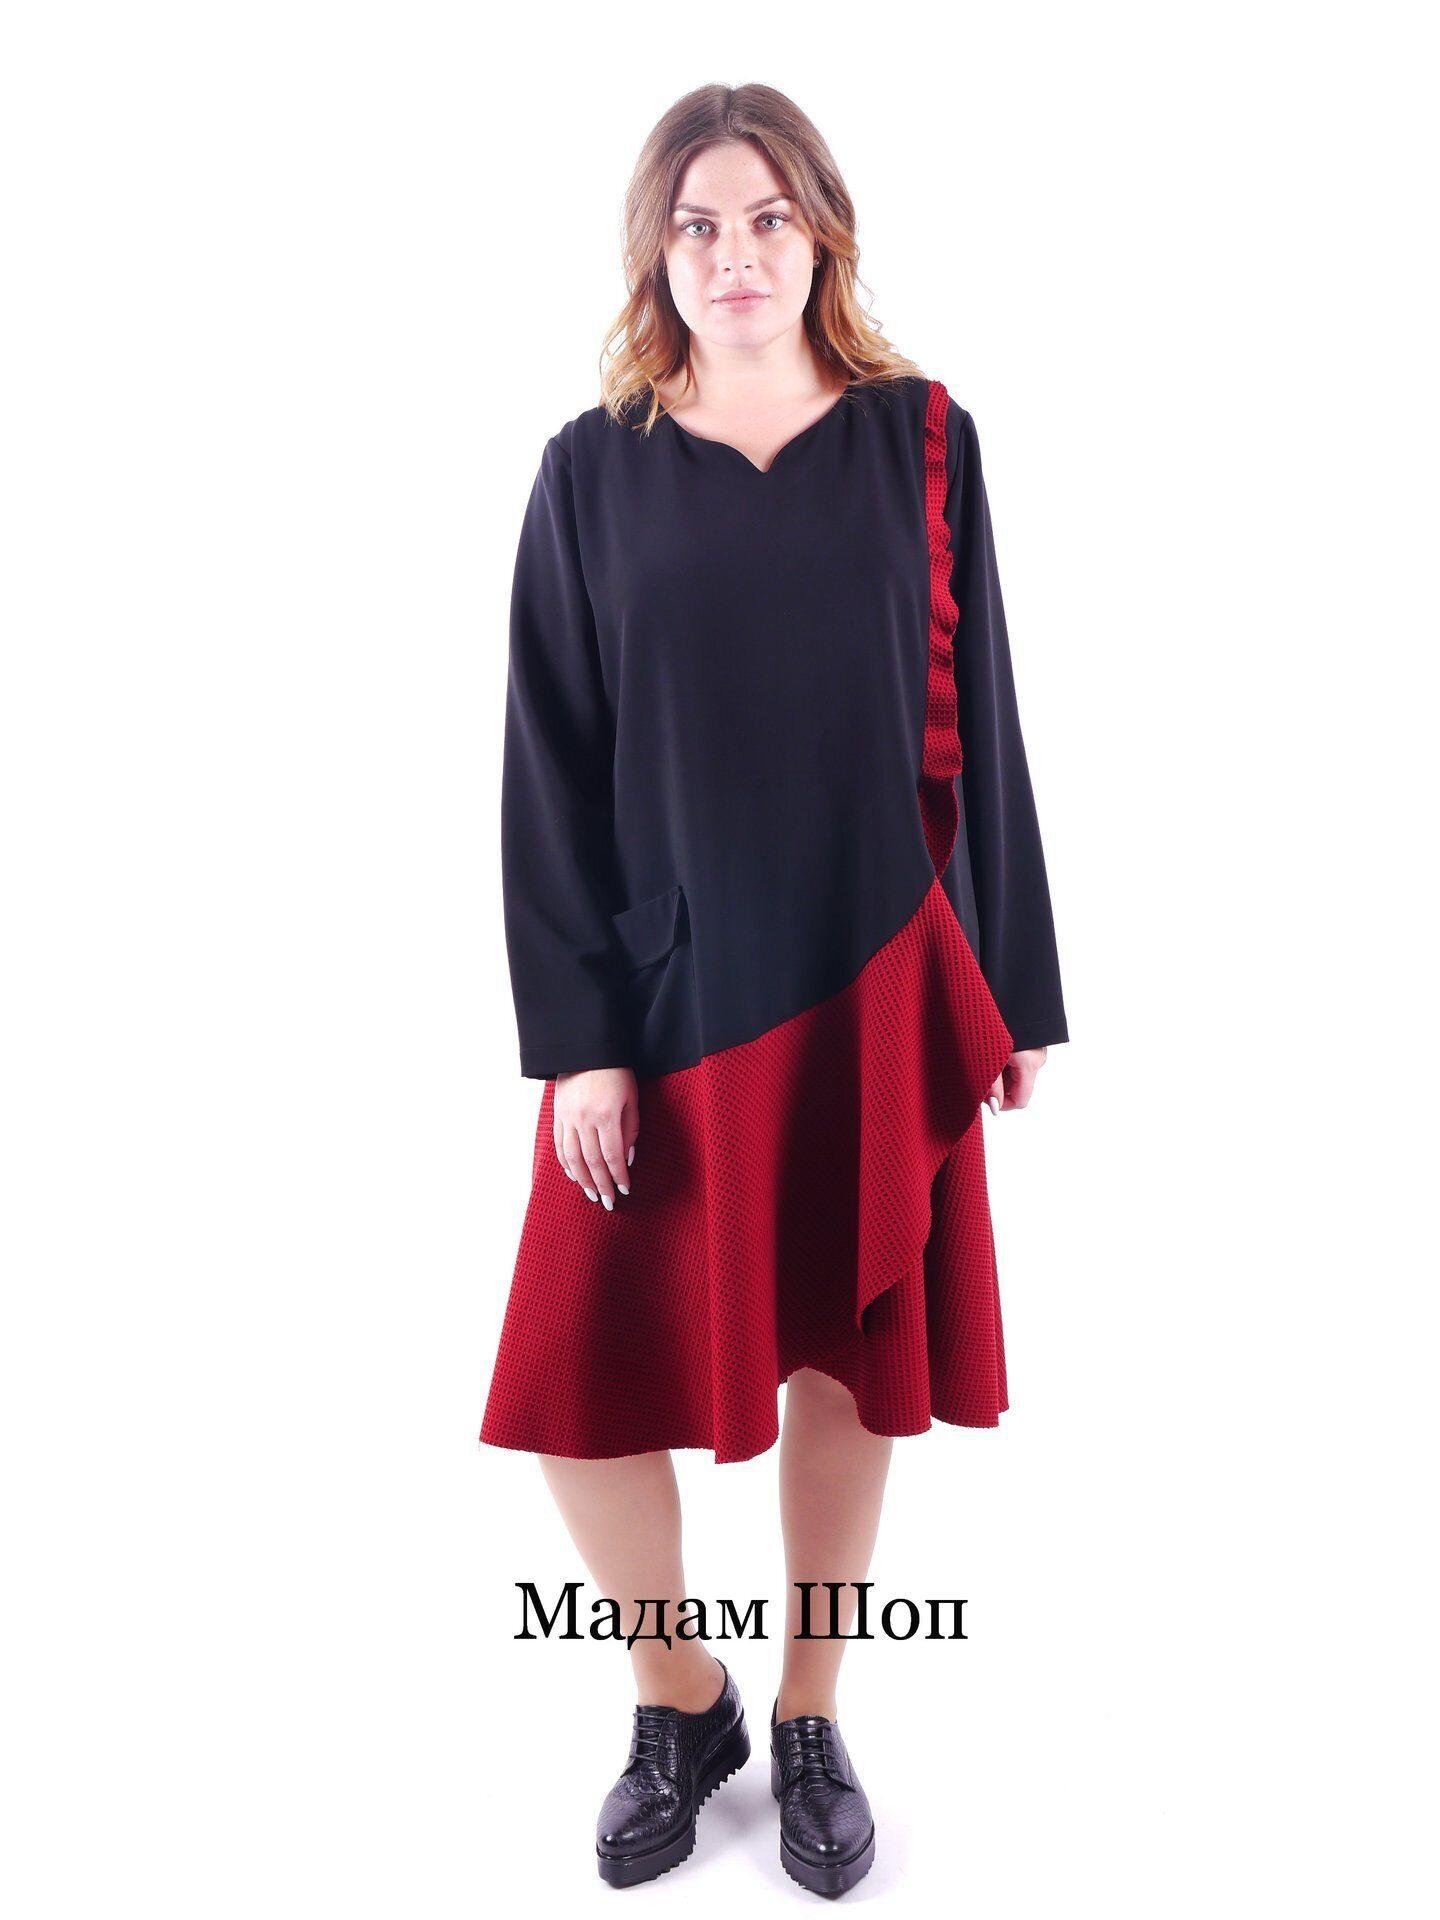 7b9a79eac6b Черно-красное платье с накладным карманом украшено воланом. Юбка и волан из фактурной  ткани